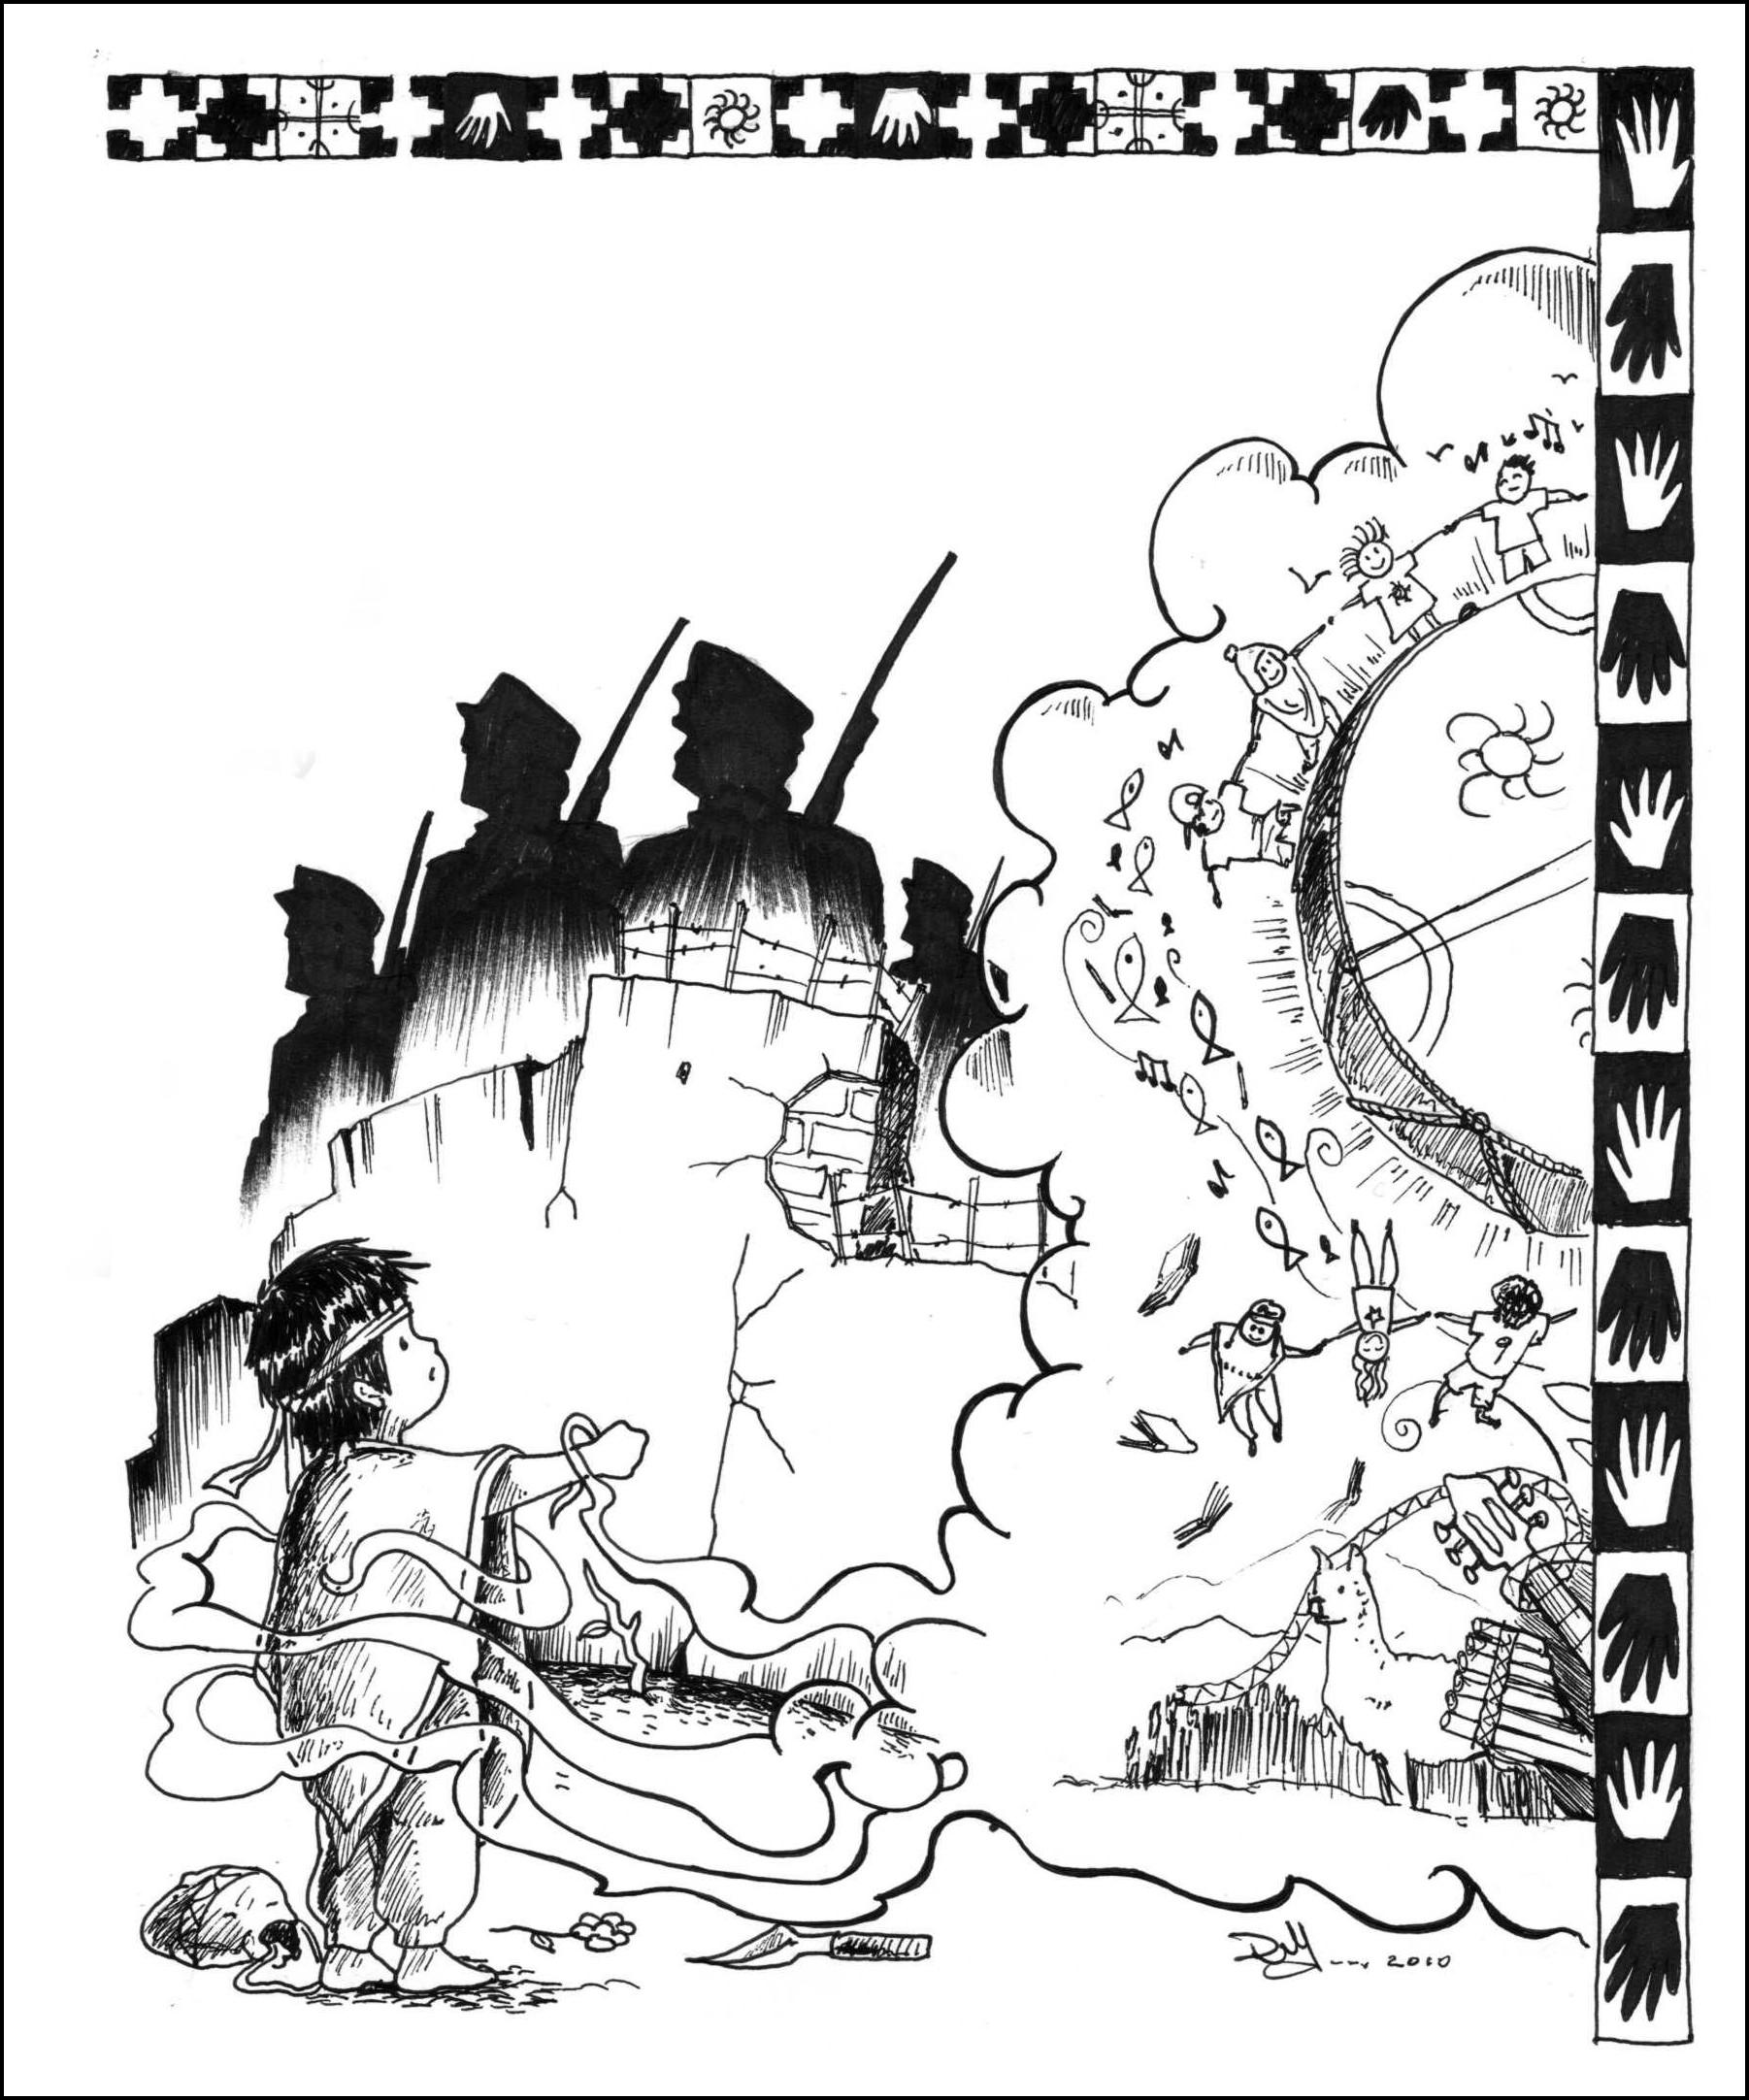 afiche-campac3b1a-nic3b1ez-mapuche